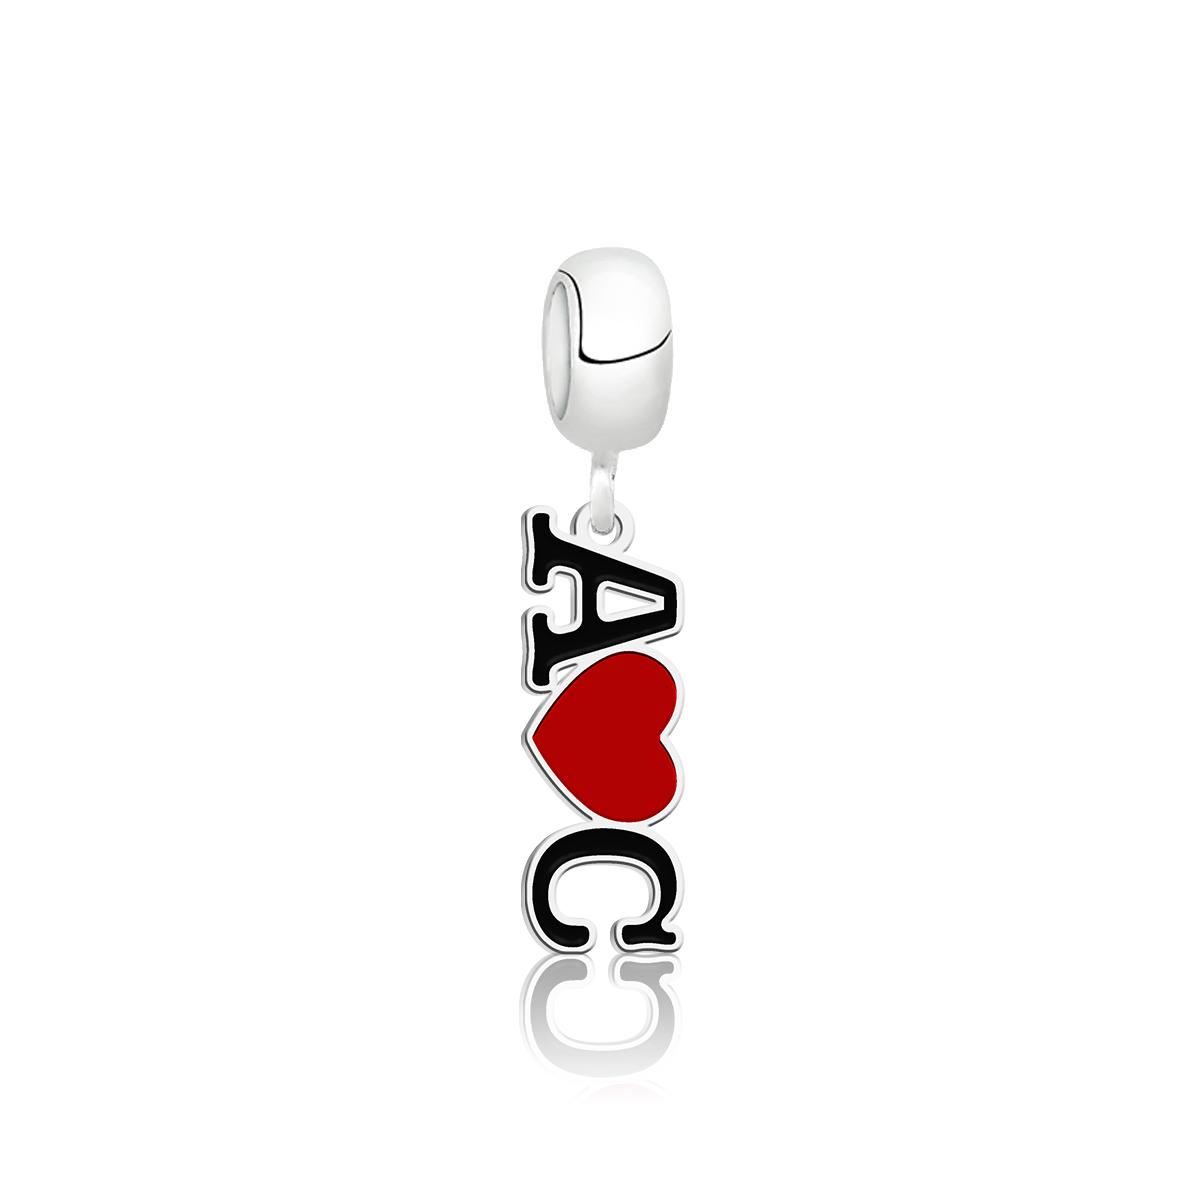 Berloque Iniciais Coração Vermelho Personalizado (Ler Descrição)